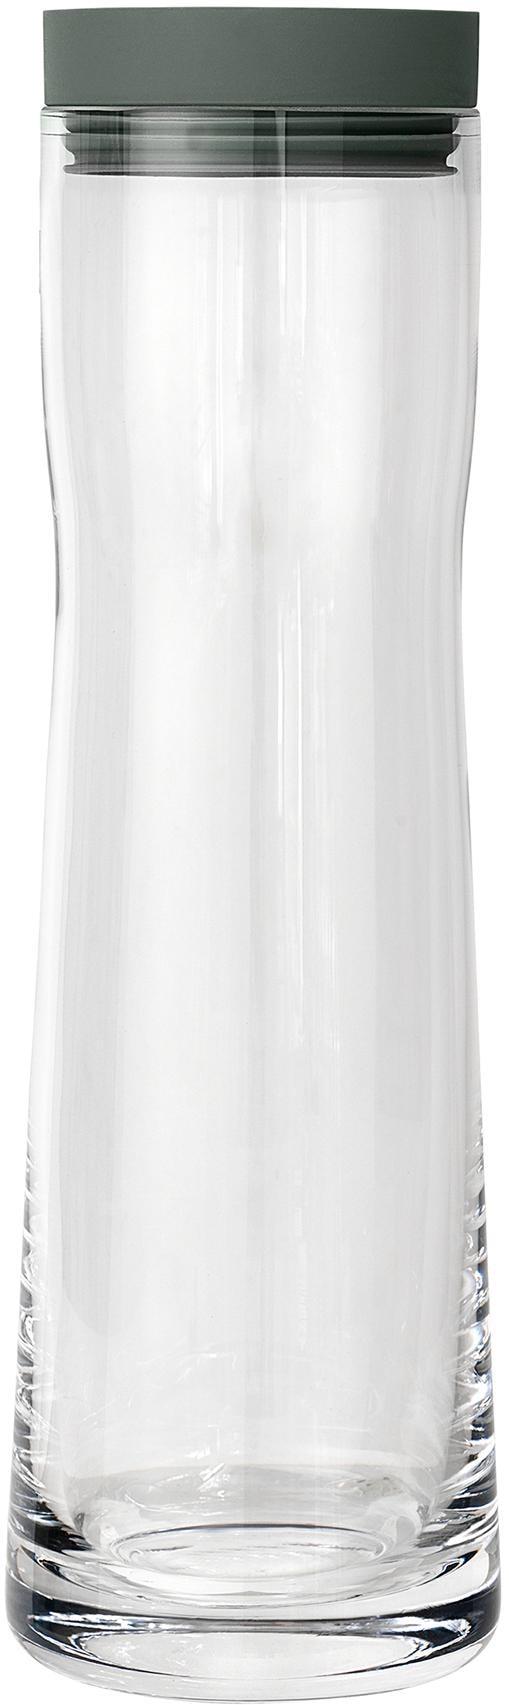 """BLOMUS Wasserkaraffe """"SPLASH"""" Wohnen/Haushalt/Haushaltswaren/Gläser & Glaswaren/Karaffen"""